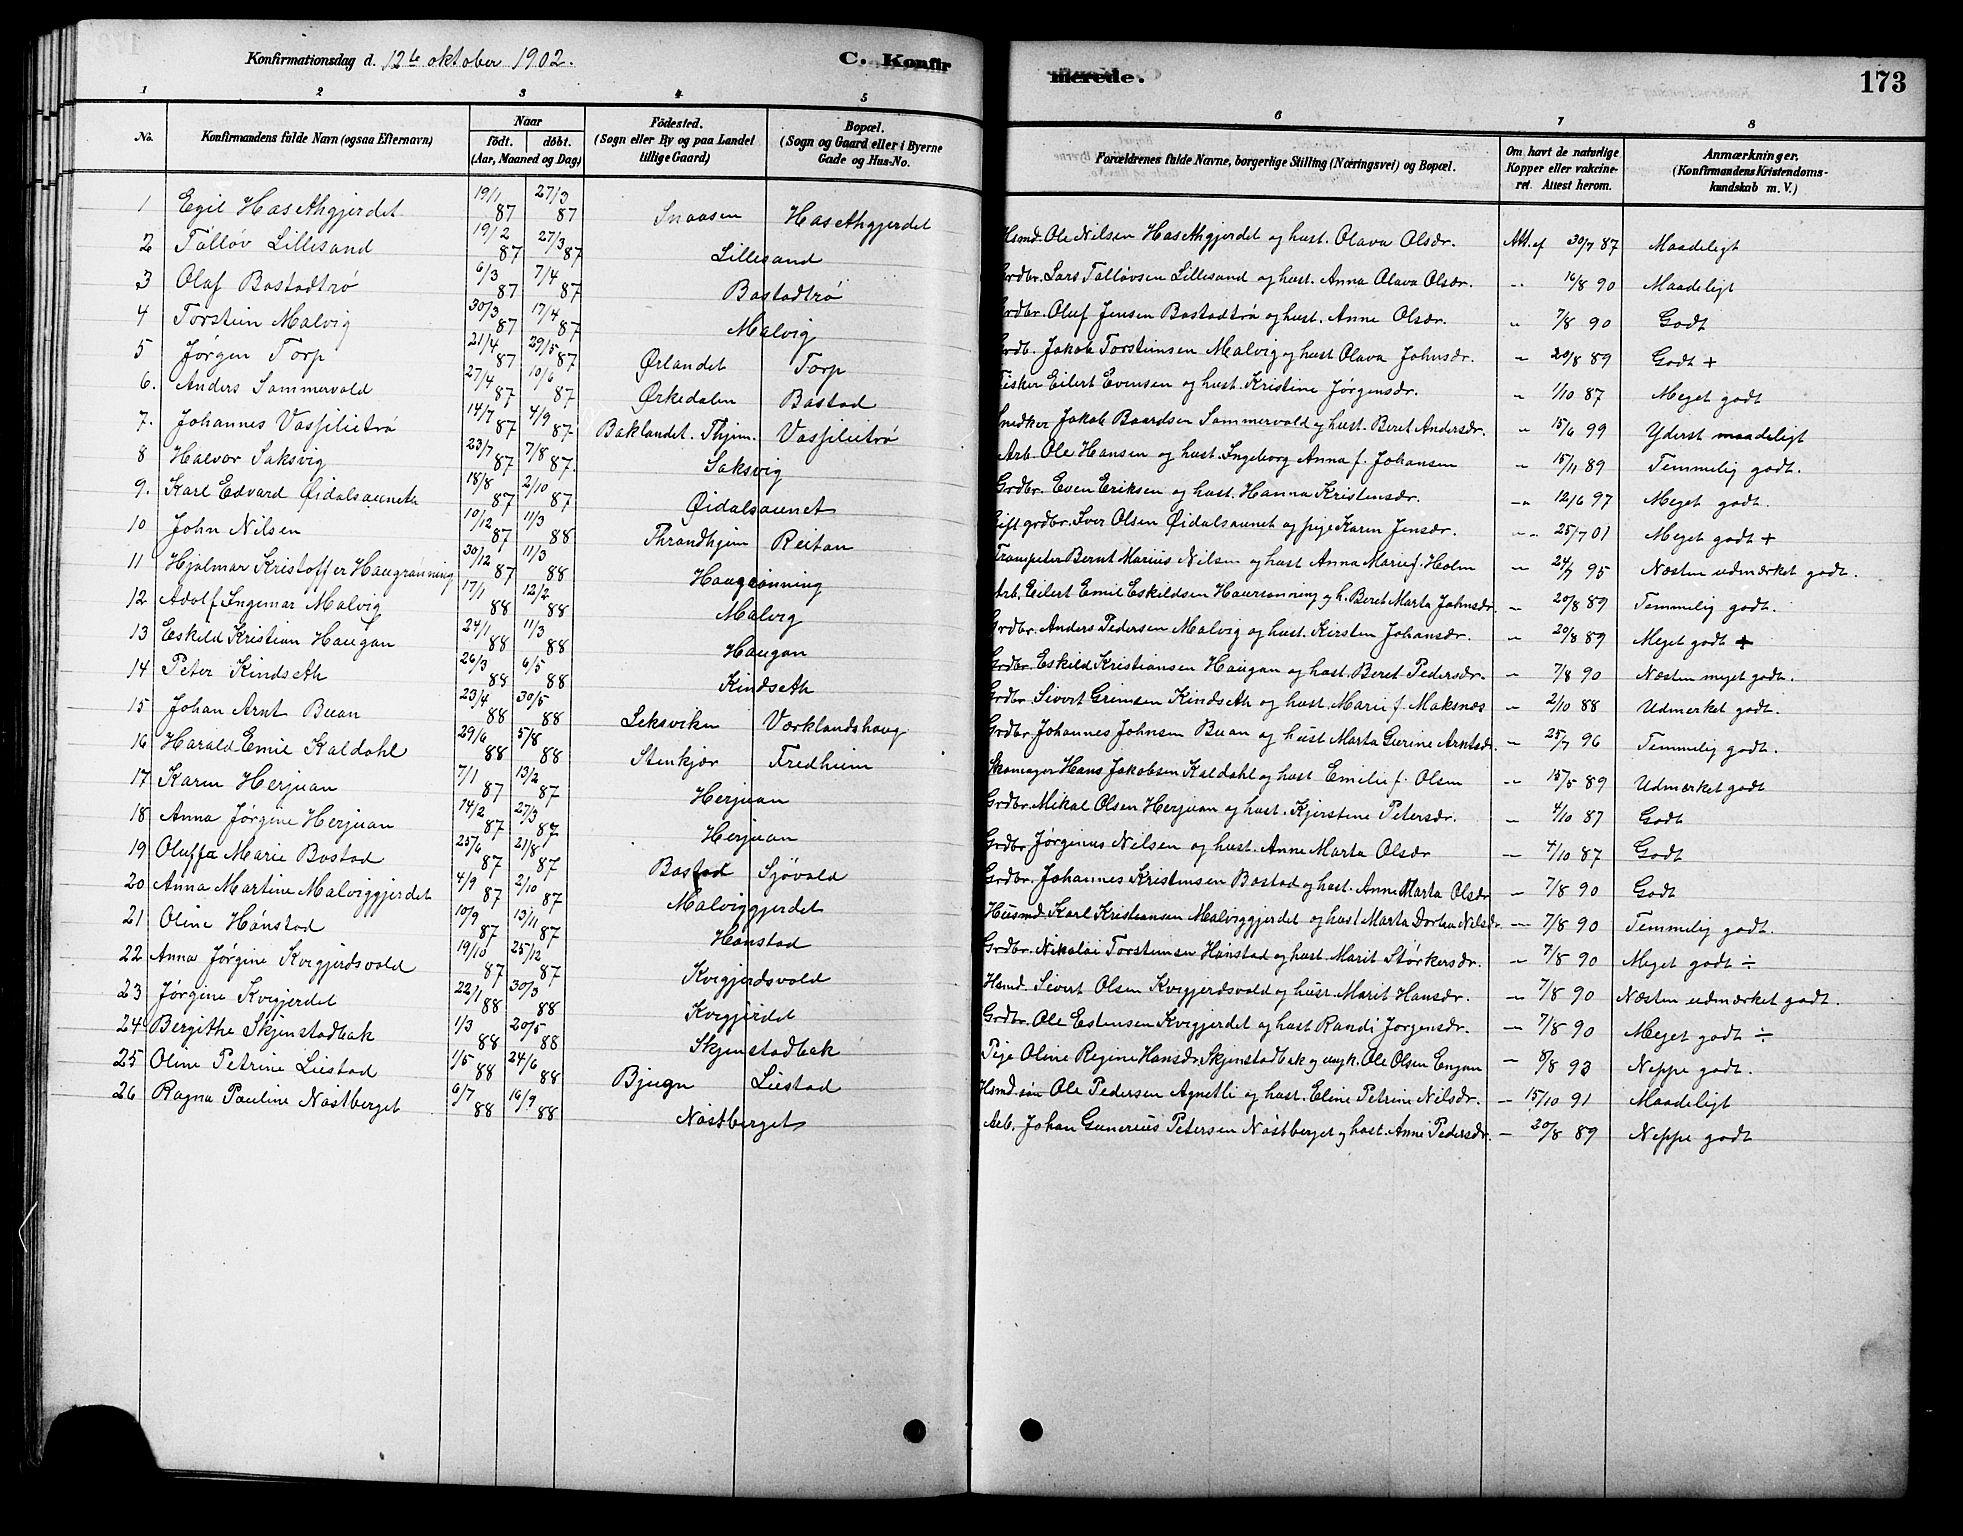 SAT, Ministerialprotokoller, klokkerbøker og fødselsregistre - Sør-Trøndelag, 616/L0423: Klokkerbok nr. 616C06, 1878-1903, s. 173